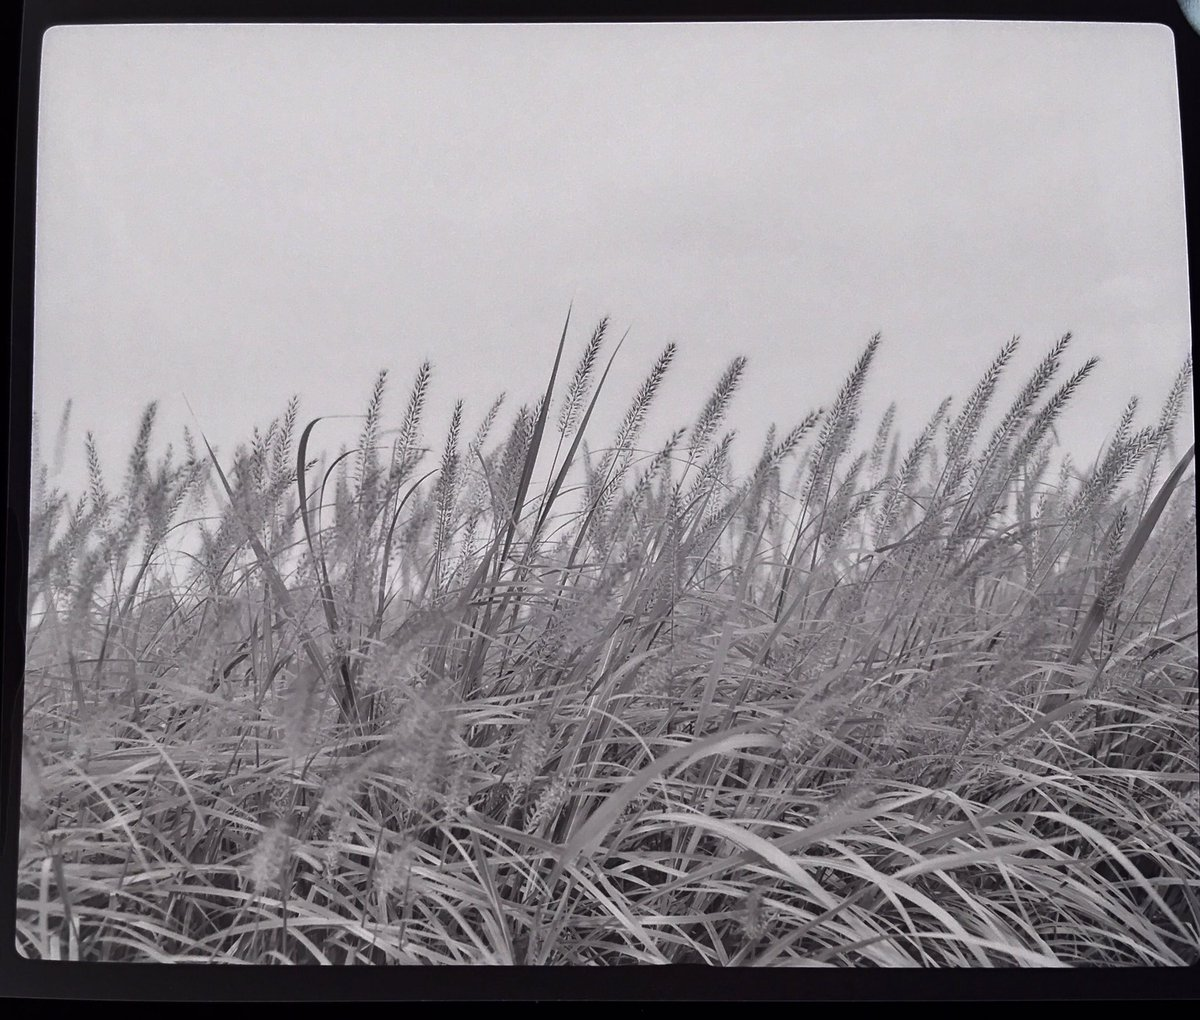 風と草。 #makina670 #fujineopanacros100